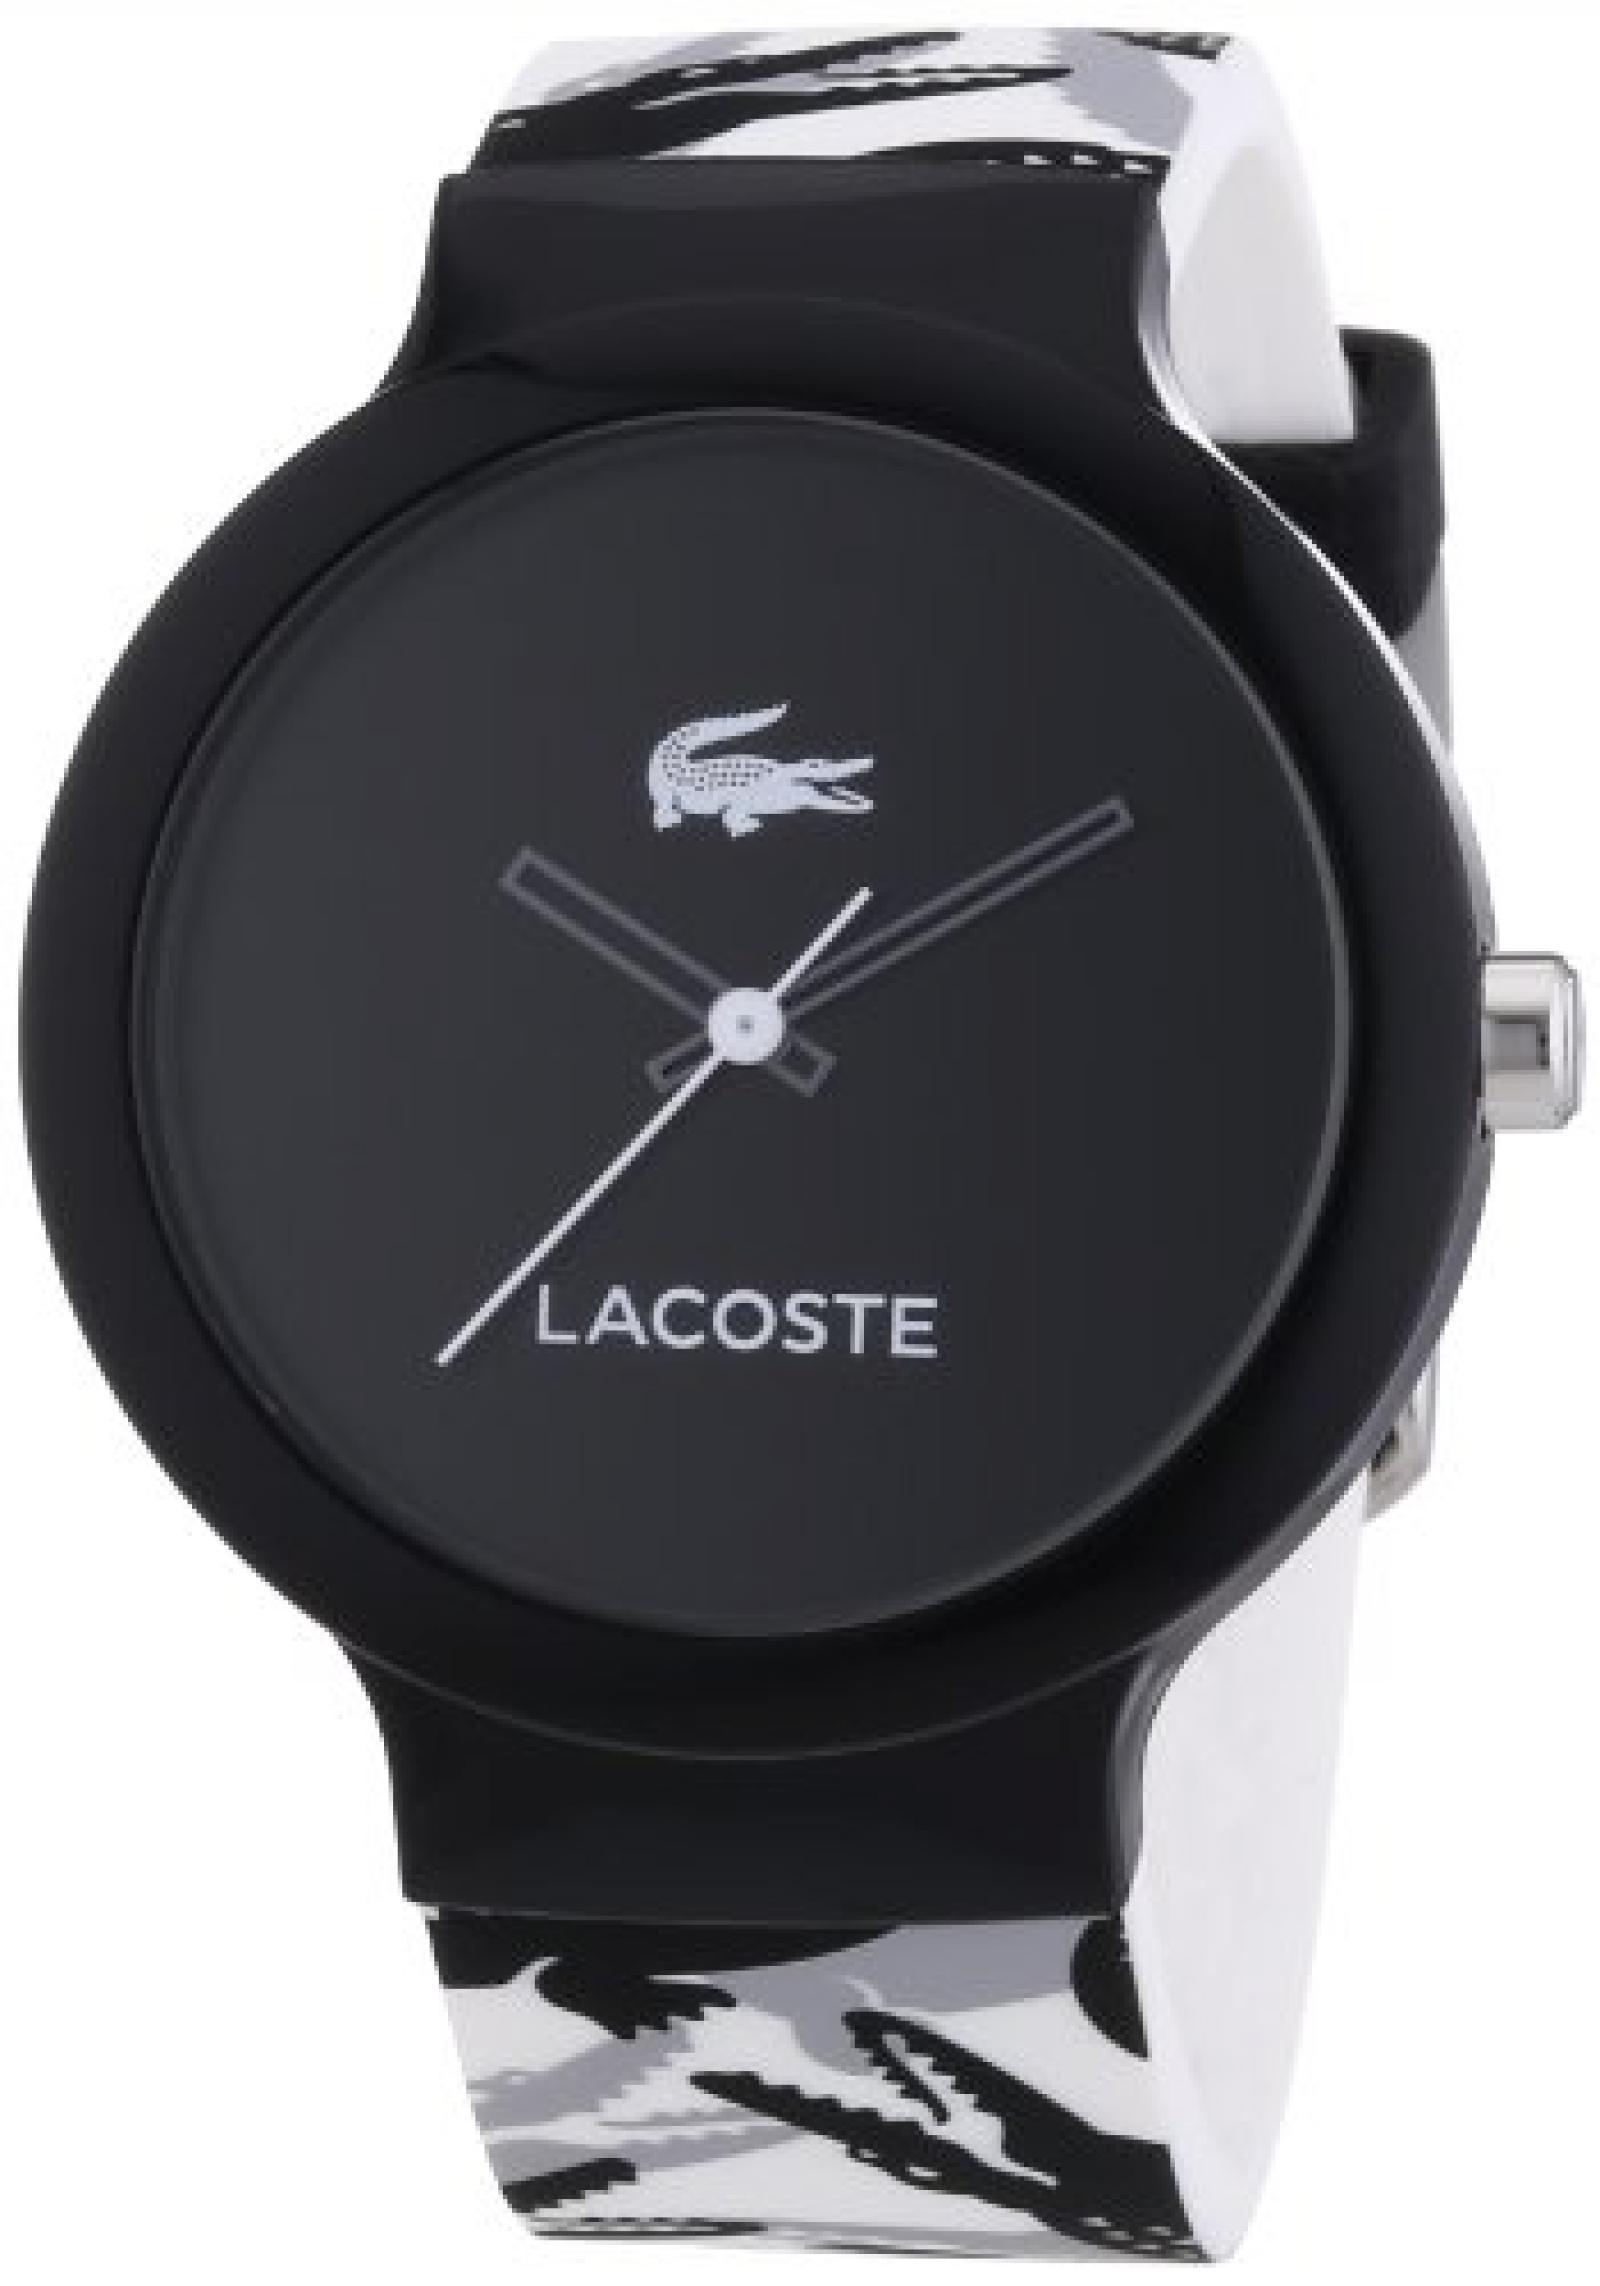 Lacoste Unisex-Armbanduhr Analog Quarz Silikon 2020059